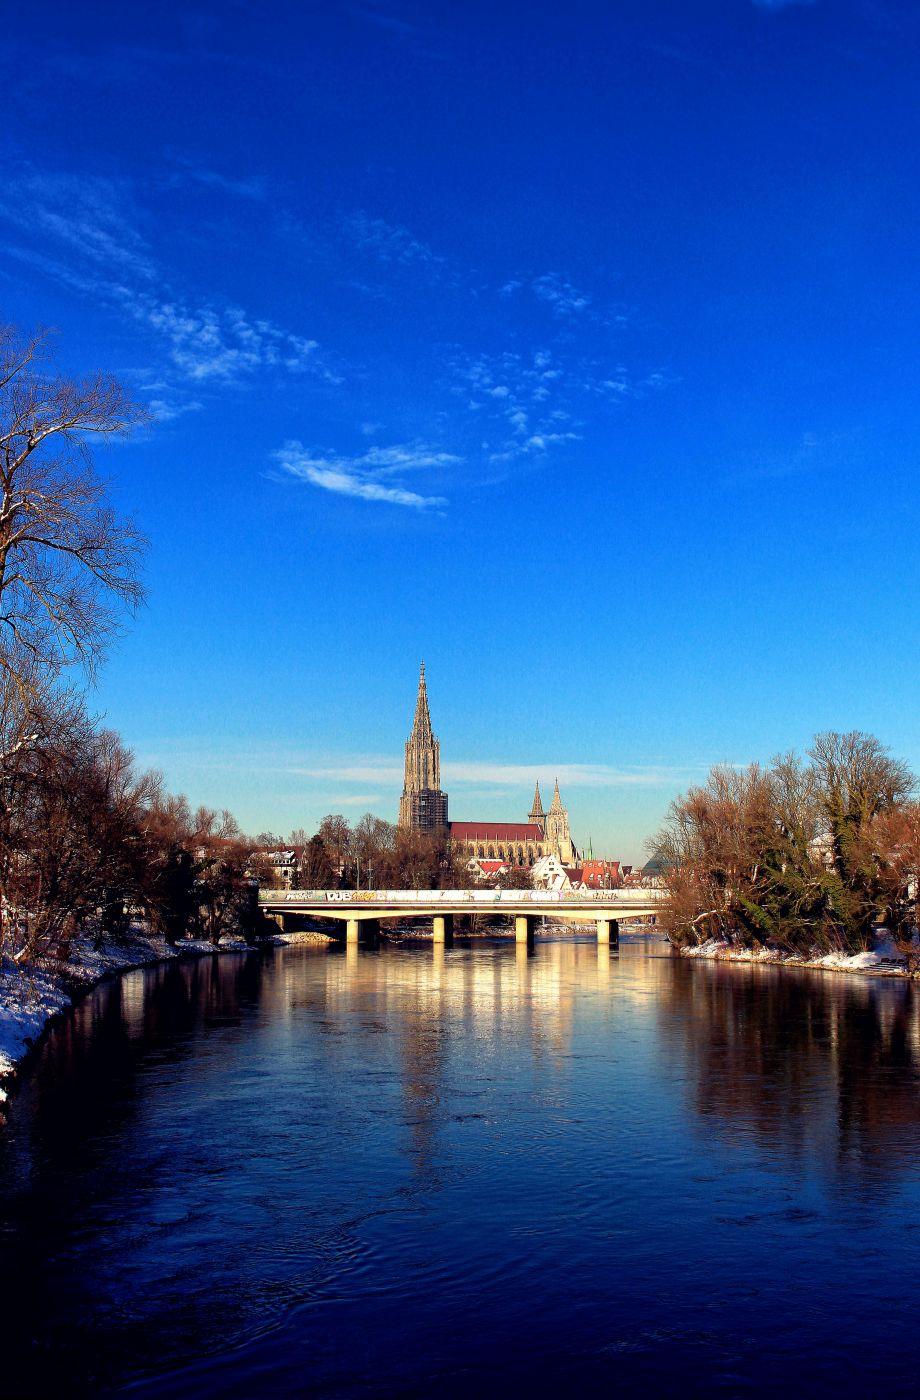 Blick von der Donau auf das Ulmer Münster, Germany